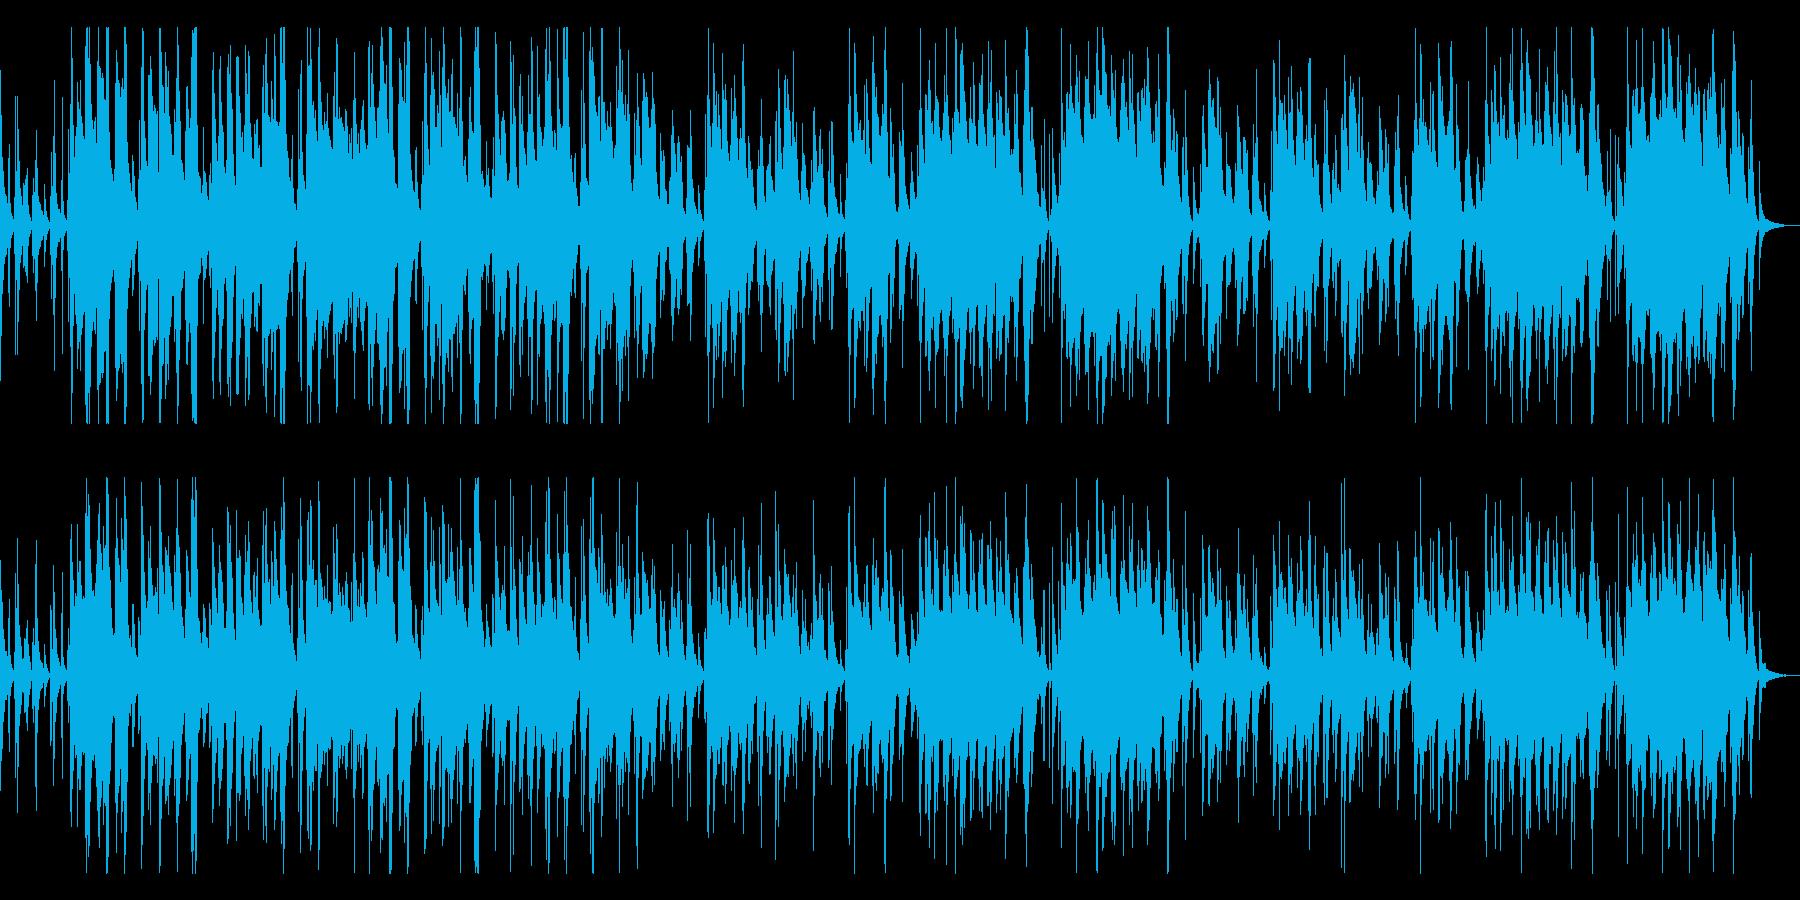 篠笛の明るい和風BGMの再生済みの波形